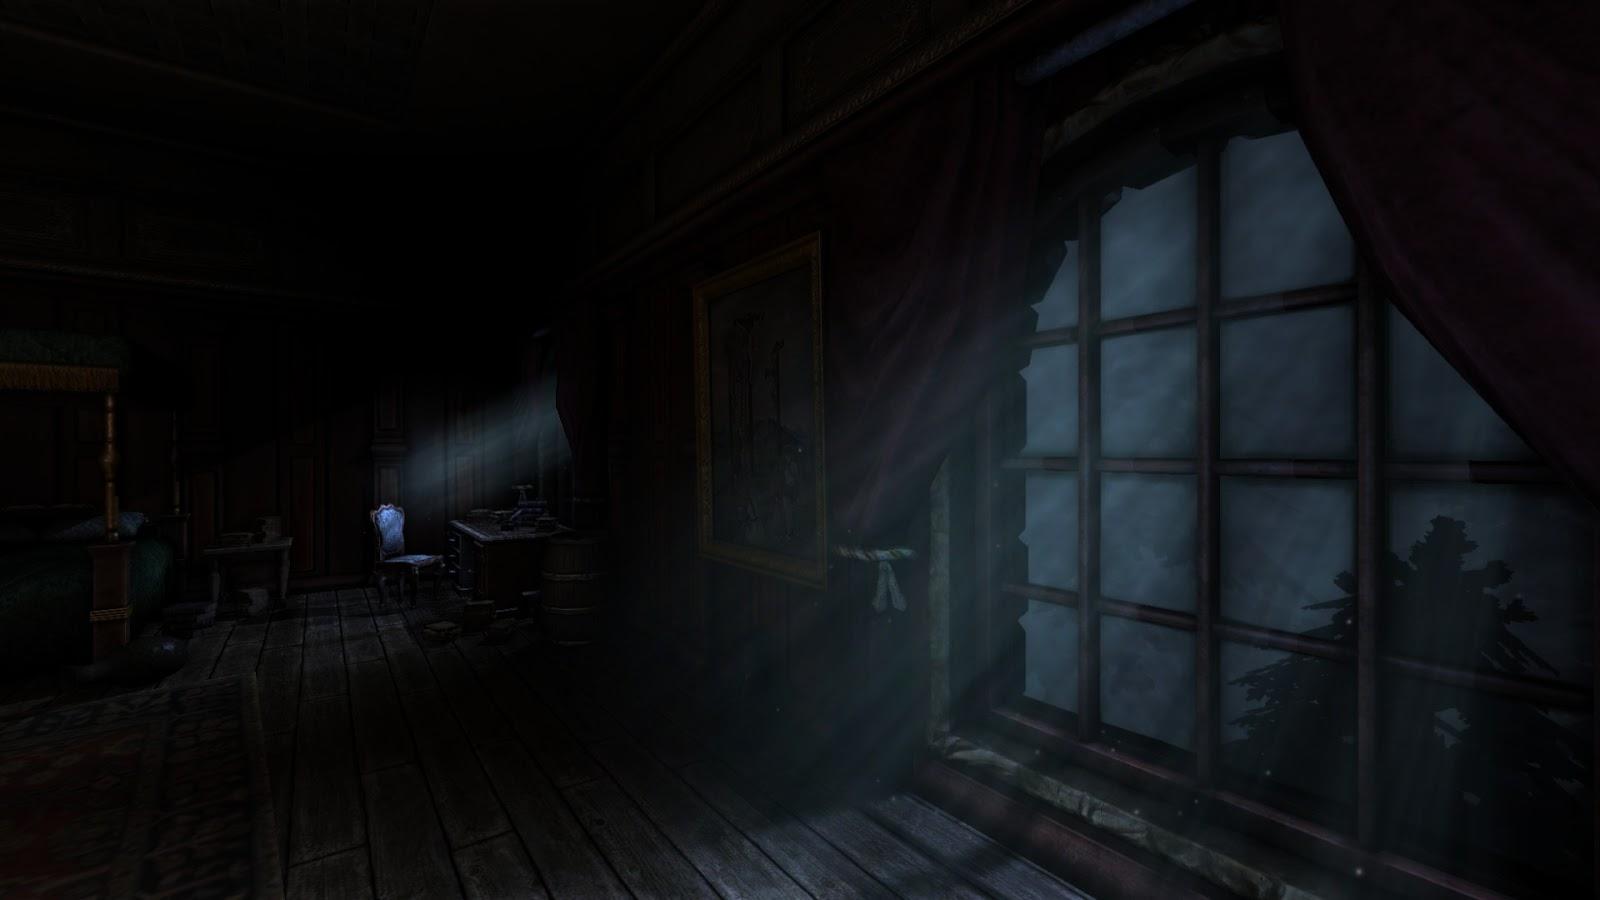 Shadows Make A Room Seem Big